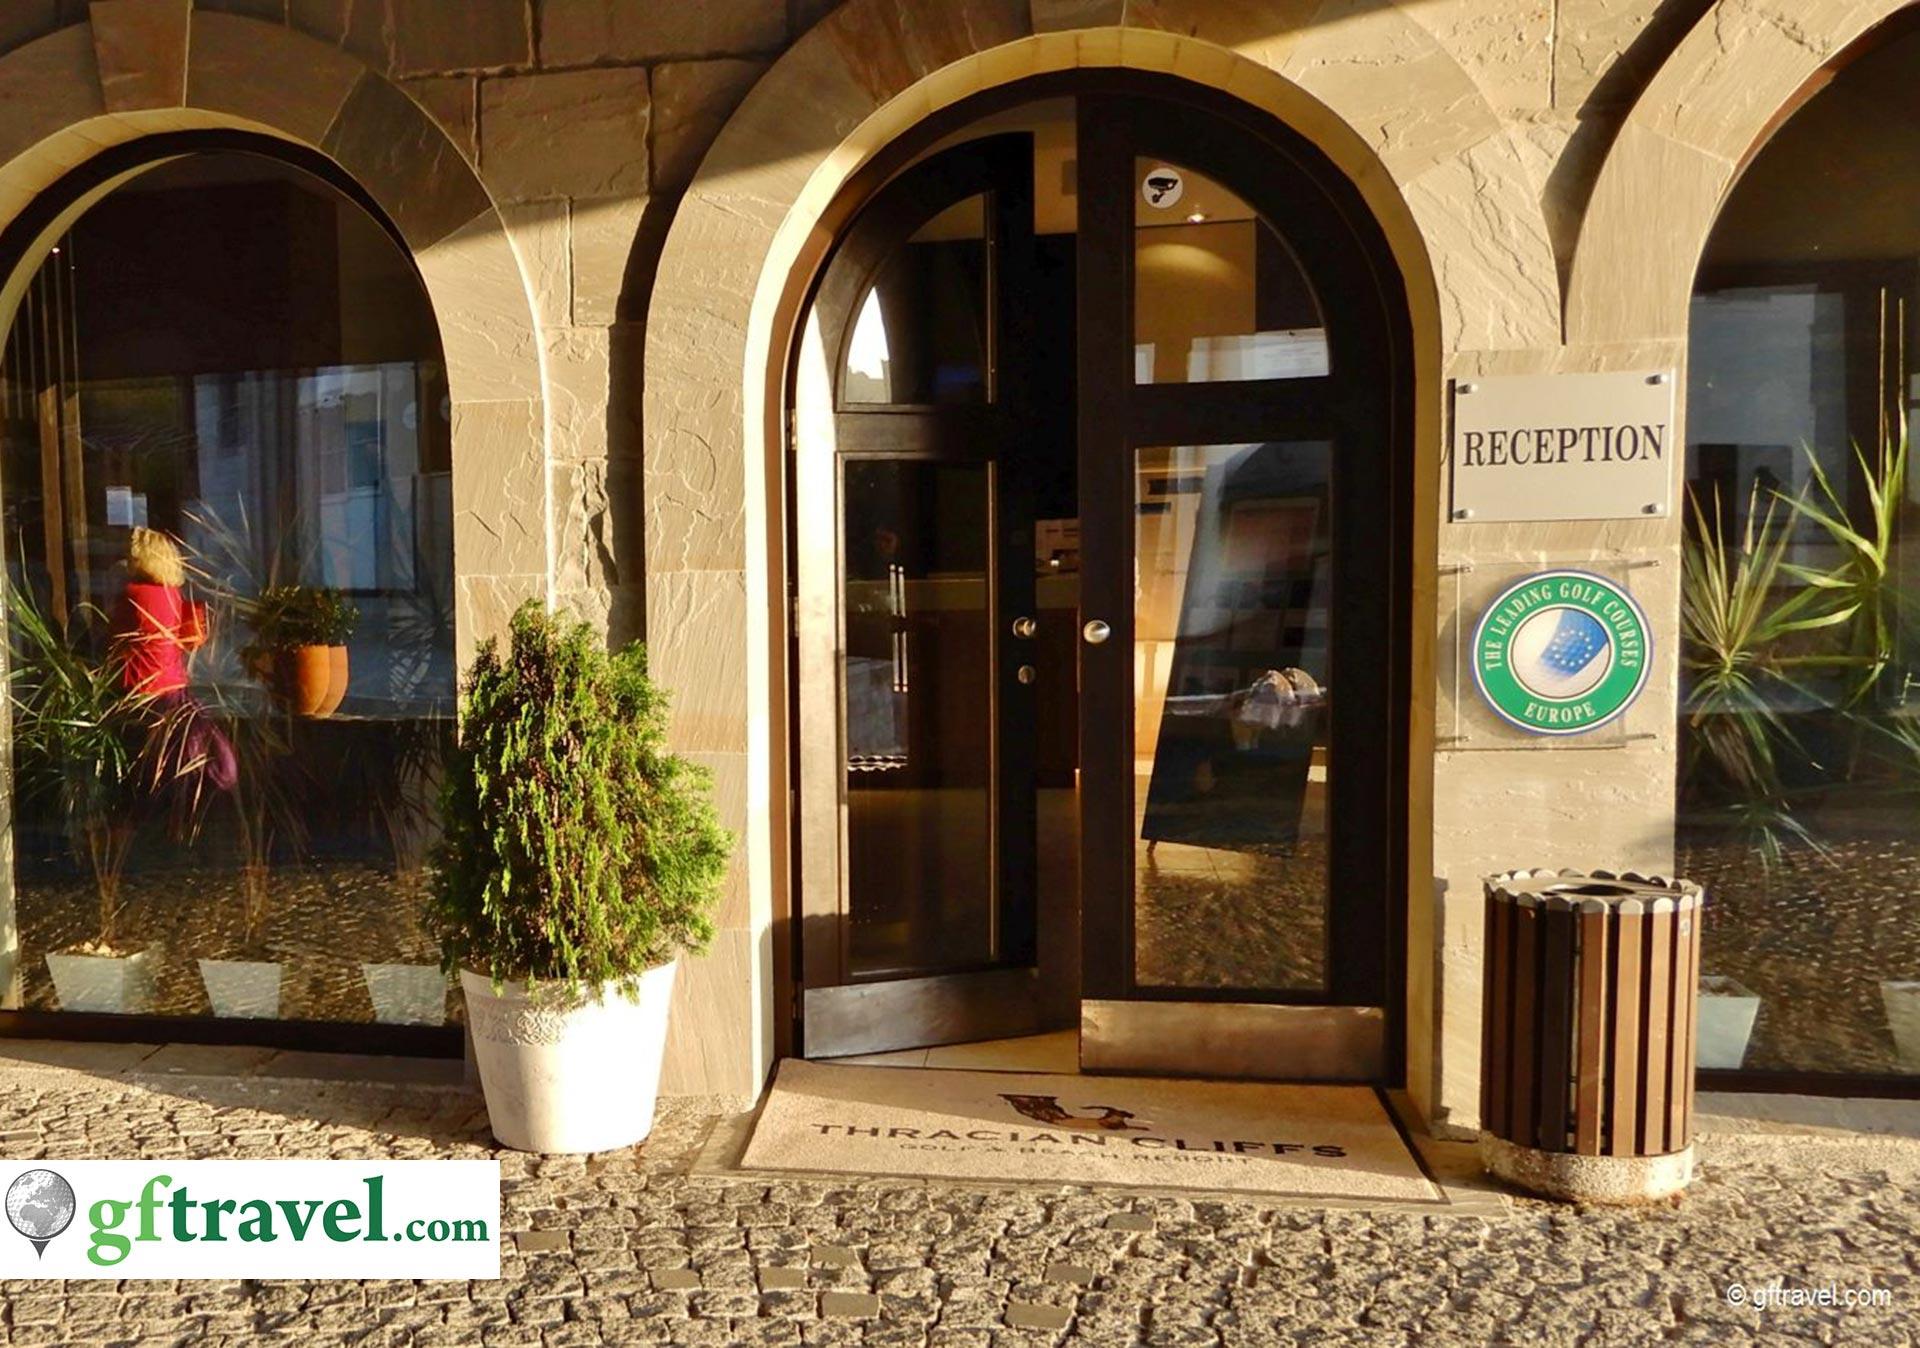 Golf-Gruppenreise-Bulgarien-Thracian-Cliffs-Reisebericht-Thracian-Cliffs-Rezeption